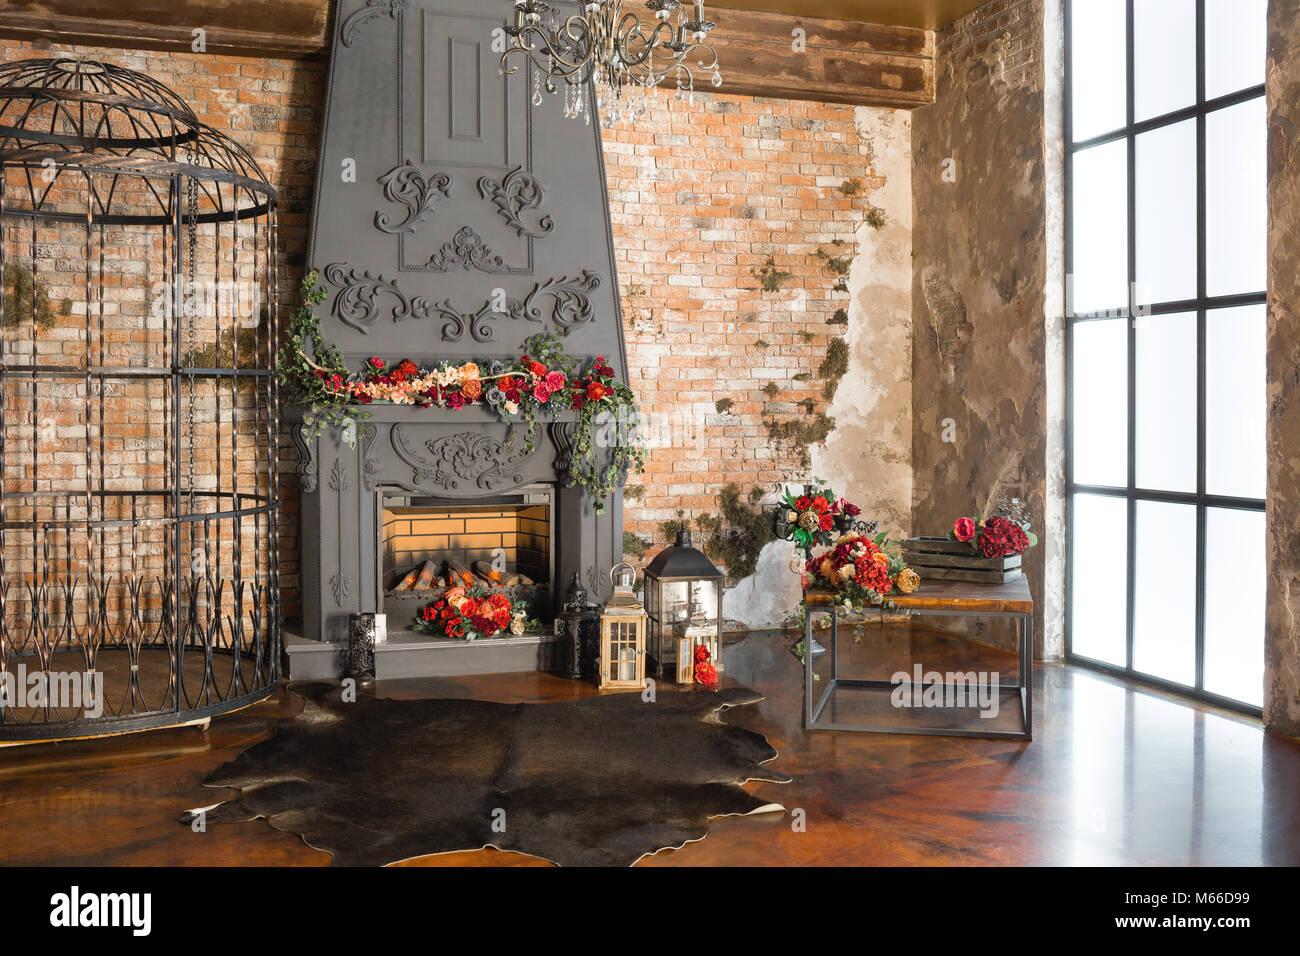 Interieur mit einem Kamin, Kerzen, Haut der Kühe, Mauer, große ...